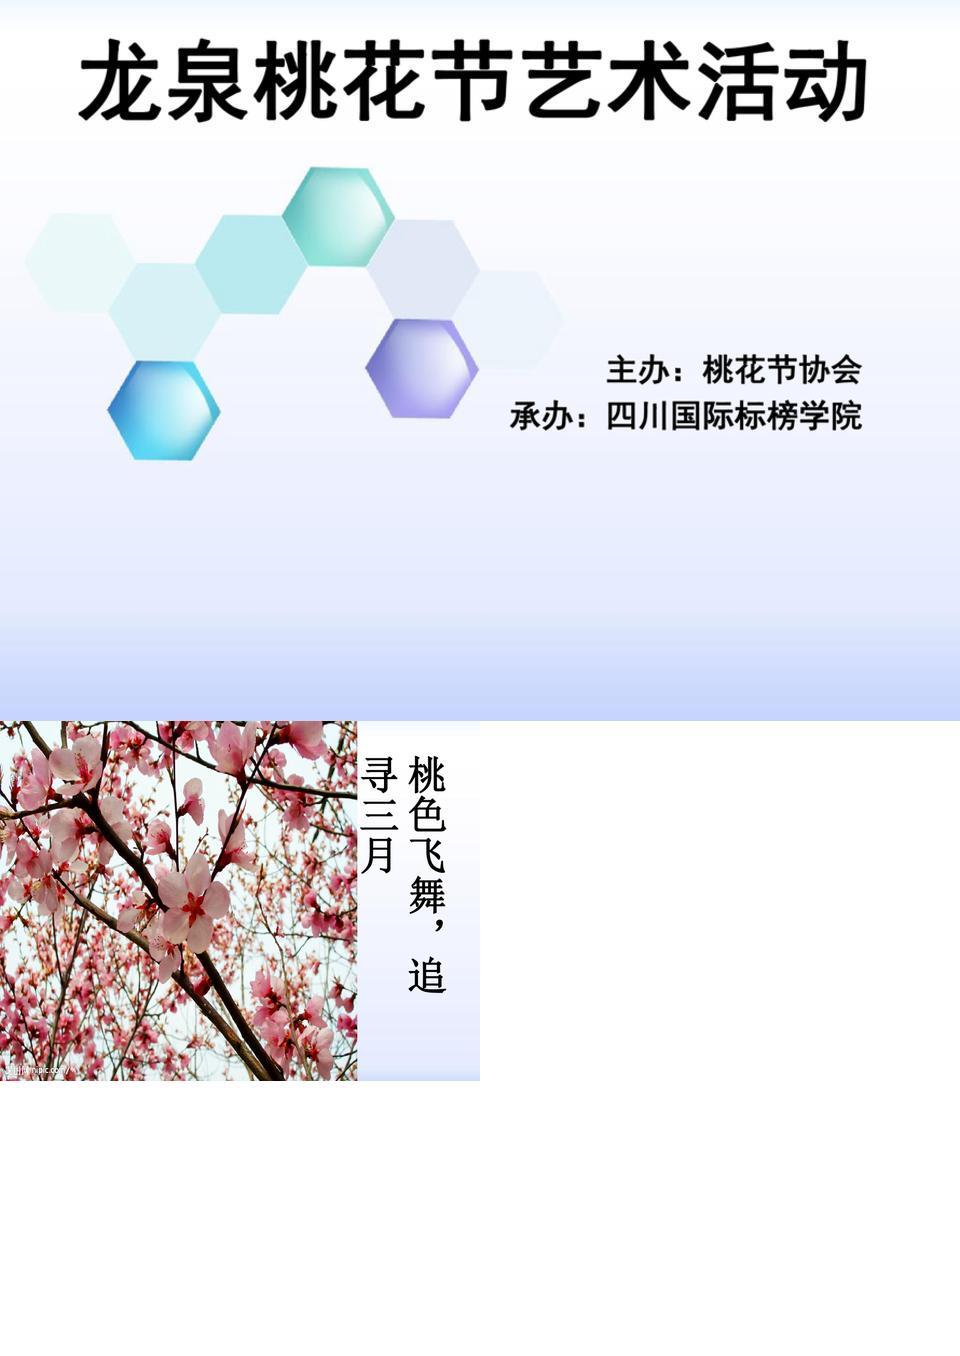 龙泉桃花节艺术活动1.ppt